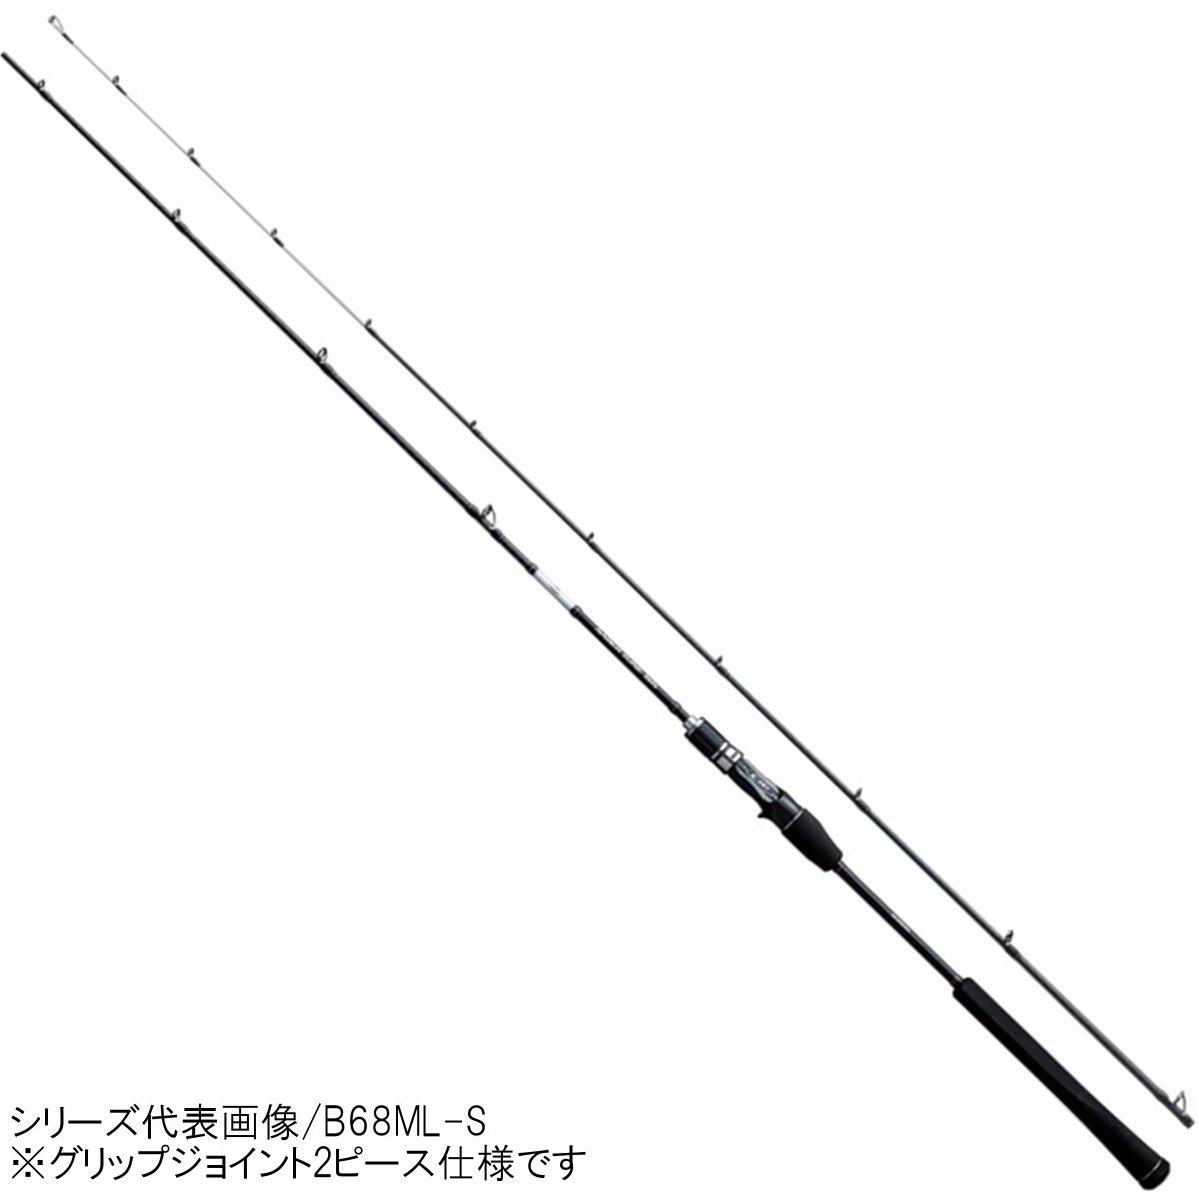 シマノ サーベルチューンSS B68L-S【大型商品】【送料無料】